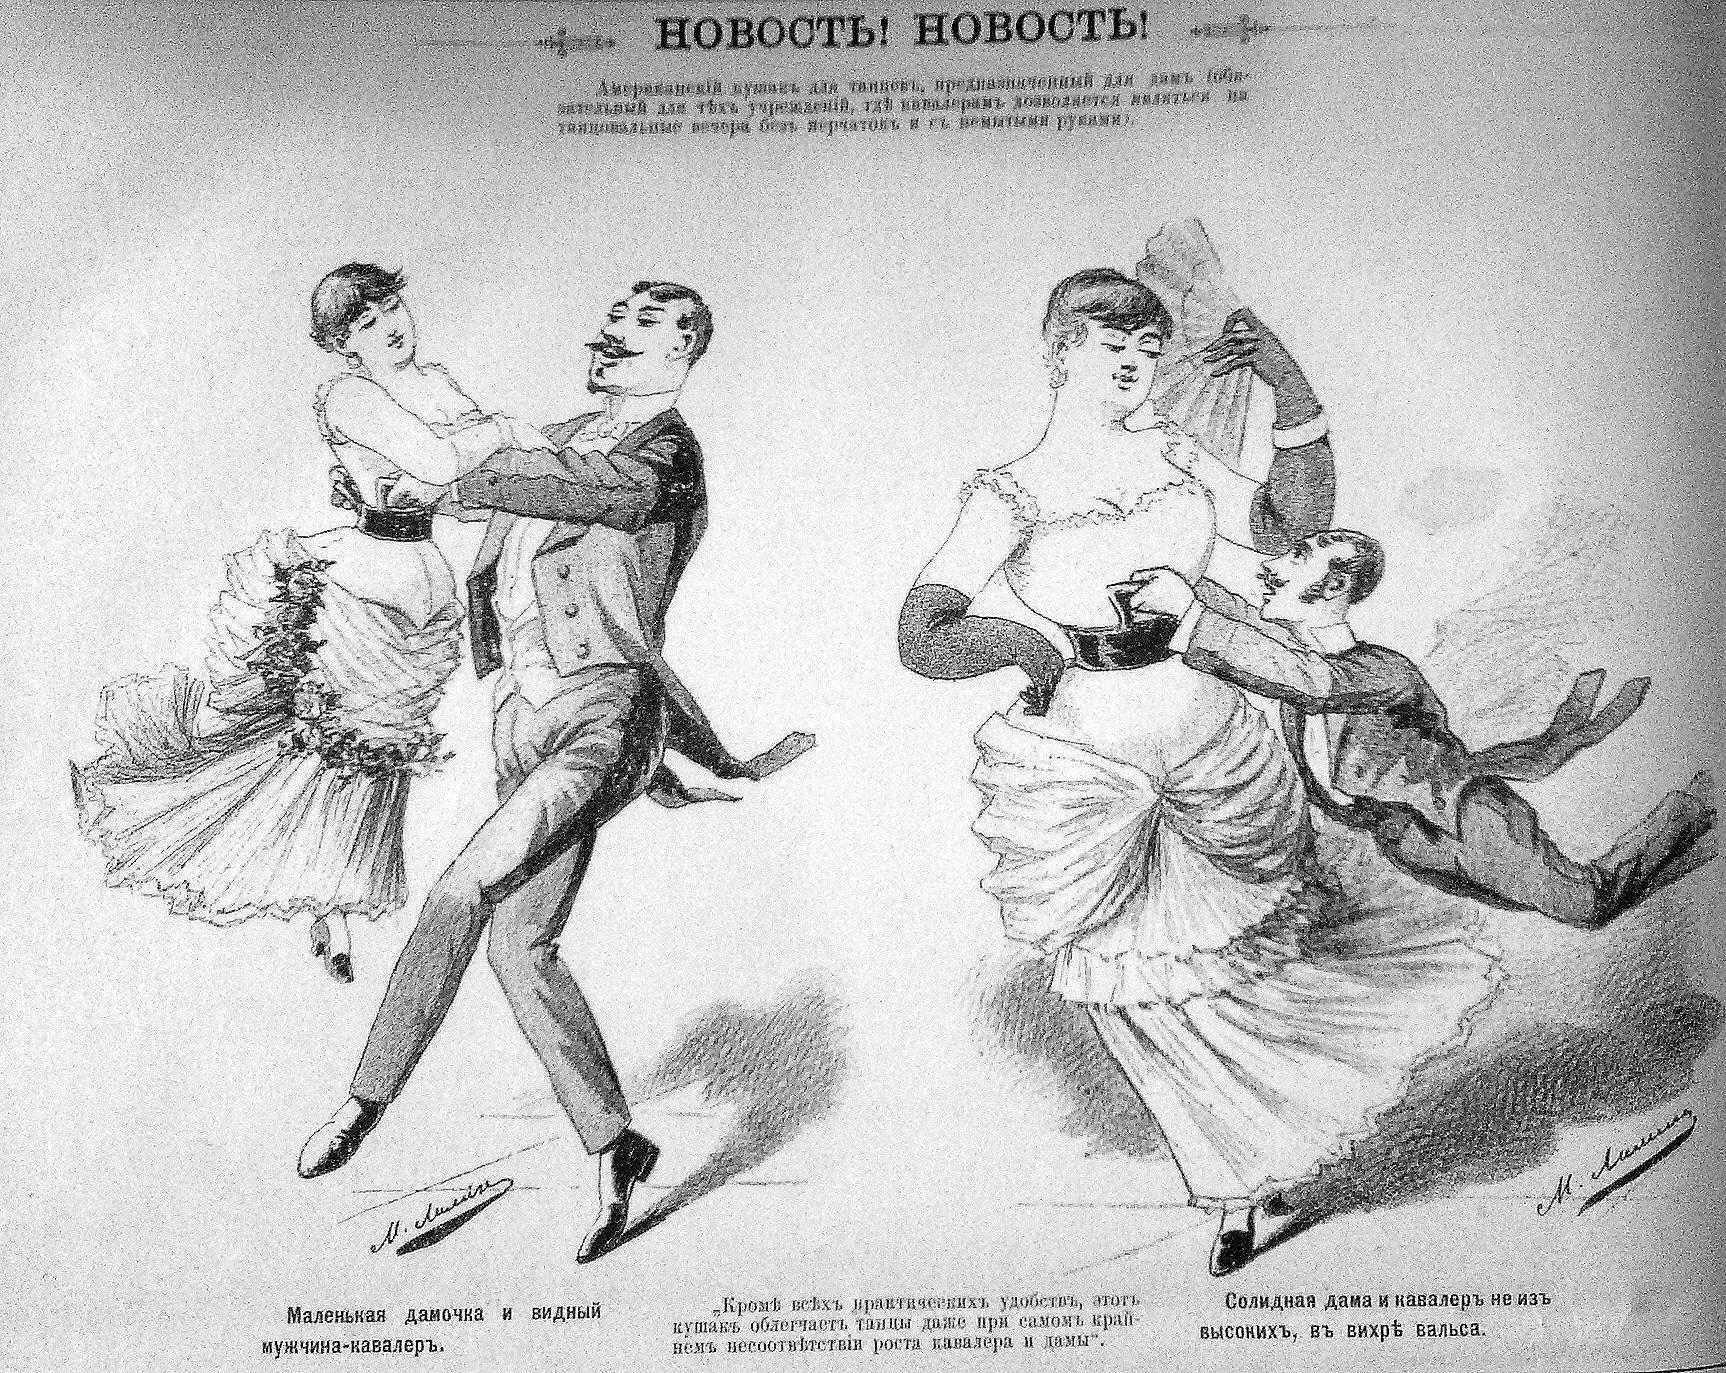 американский кушак для танцев